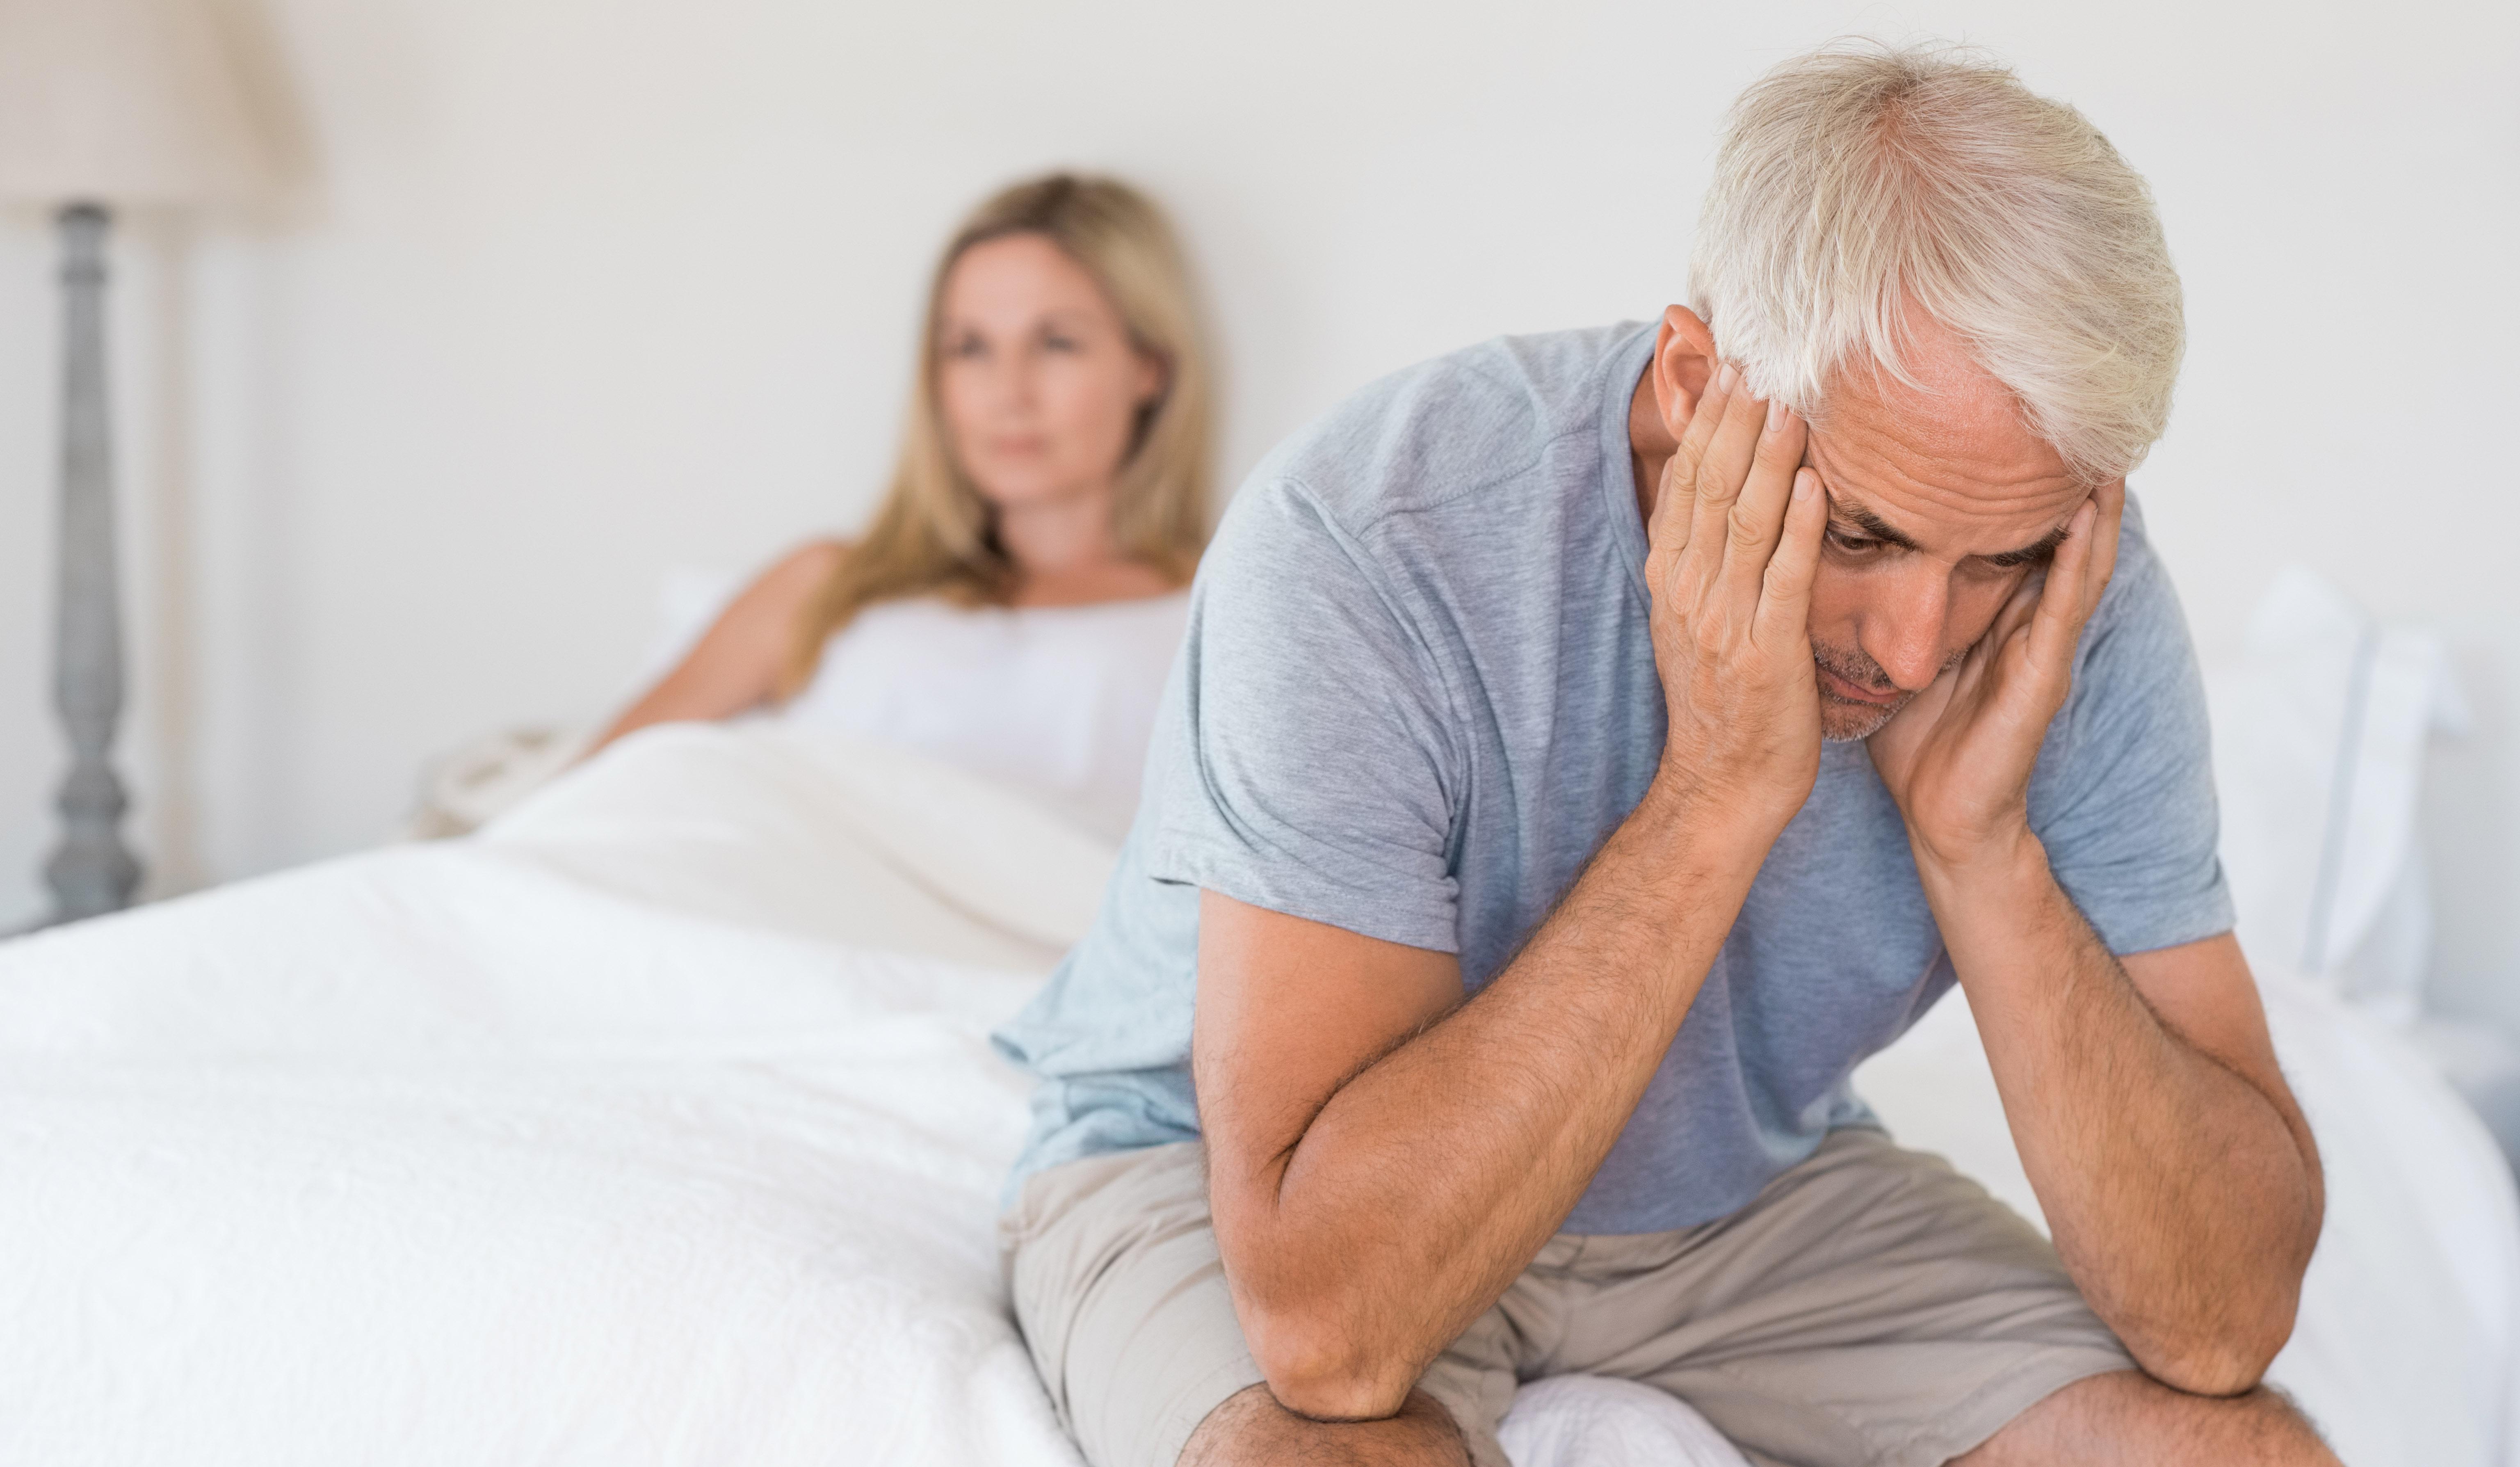 befolyásolhatja-e a fáradtság az erekciót